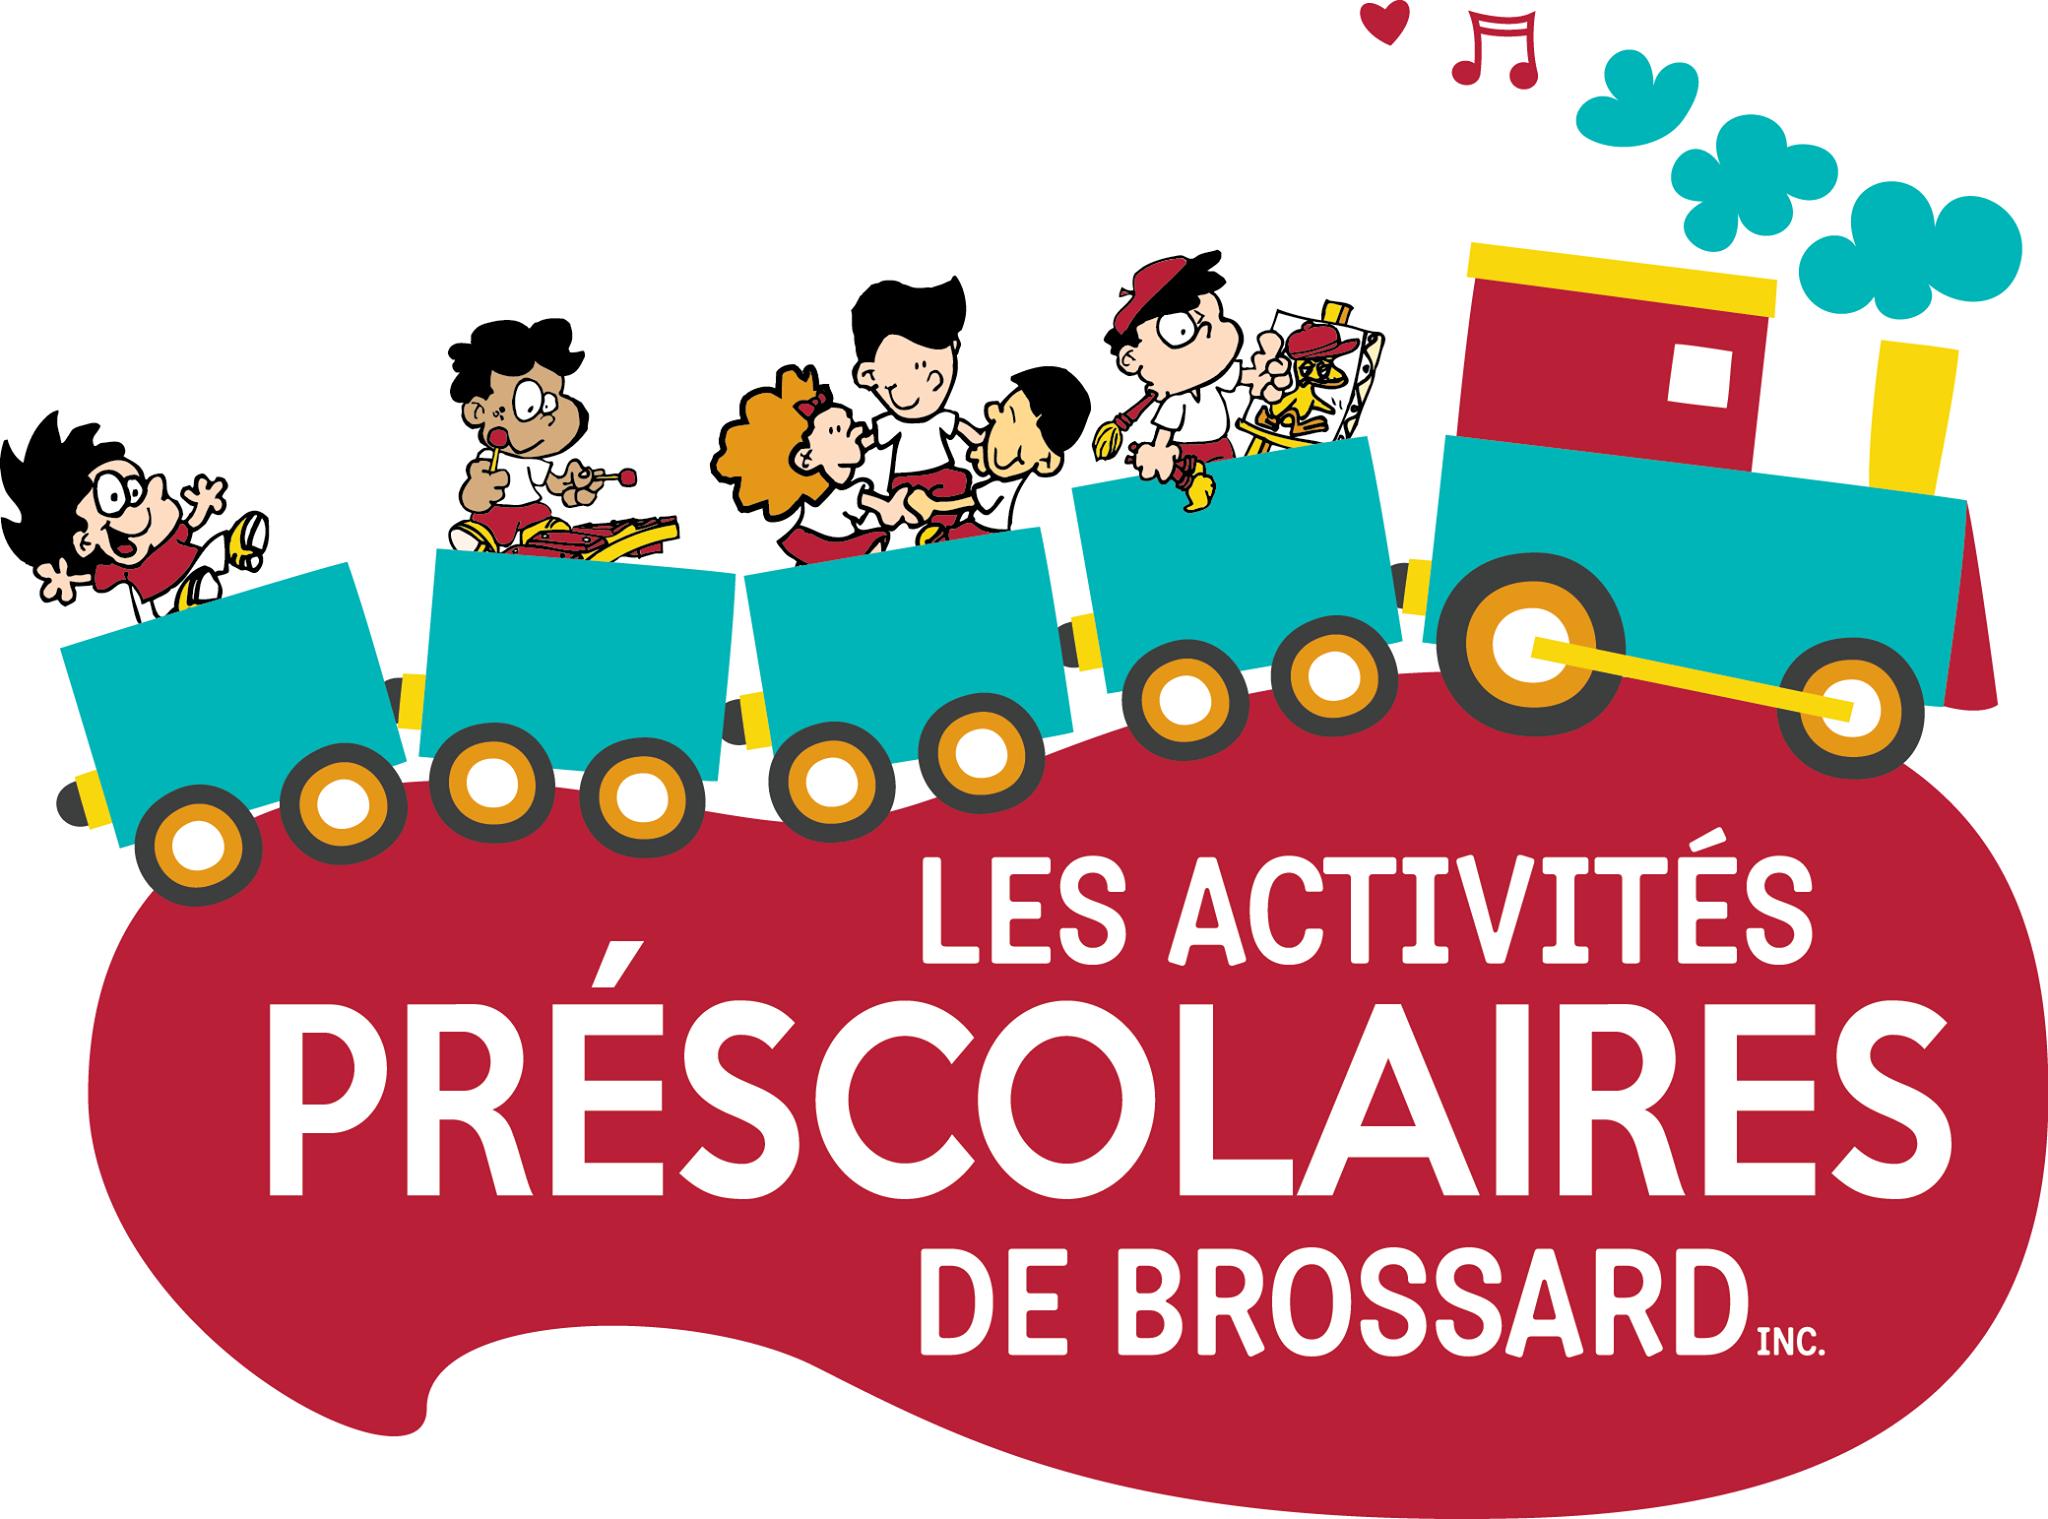 Les Activités Préscolaires de Brossard Inc.